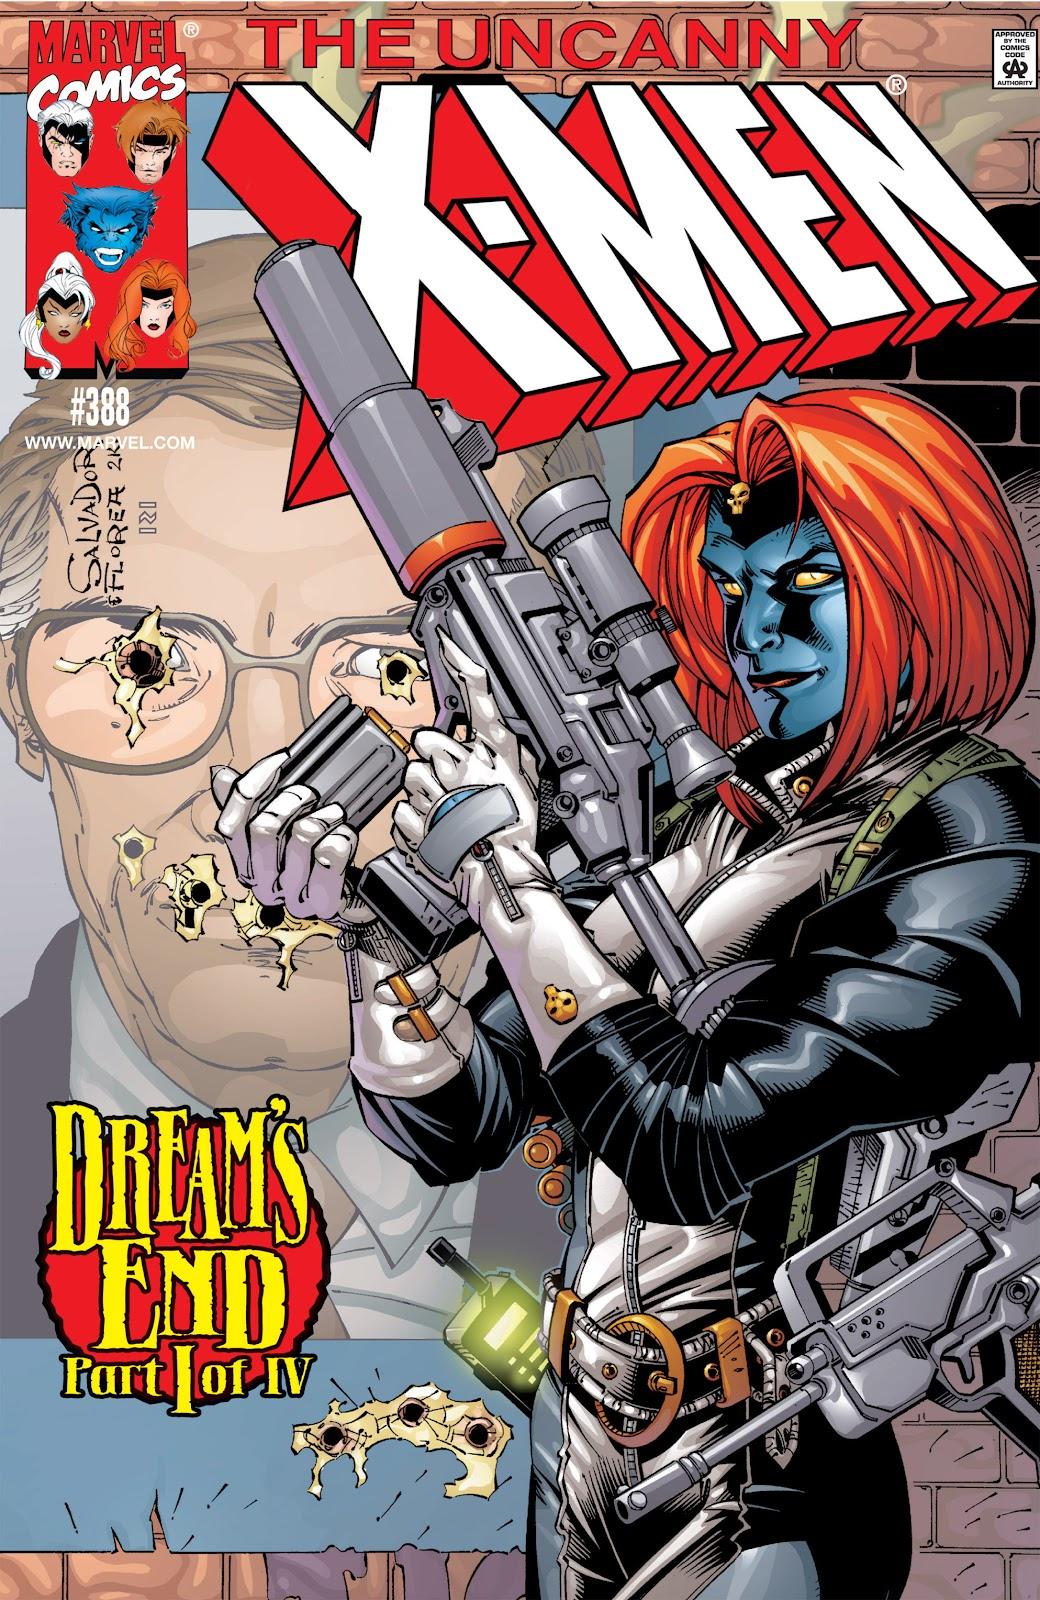 Uncanny X-Men (1963) 388 Page 1